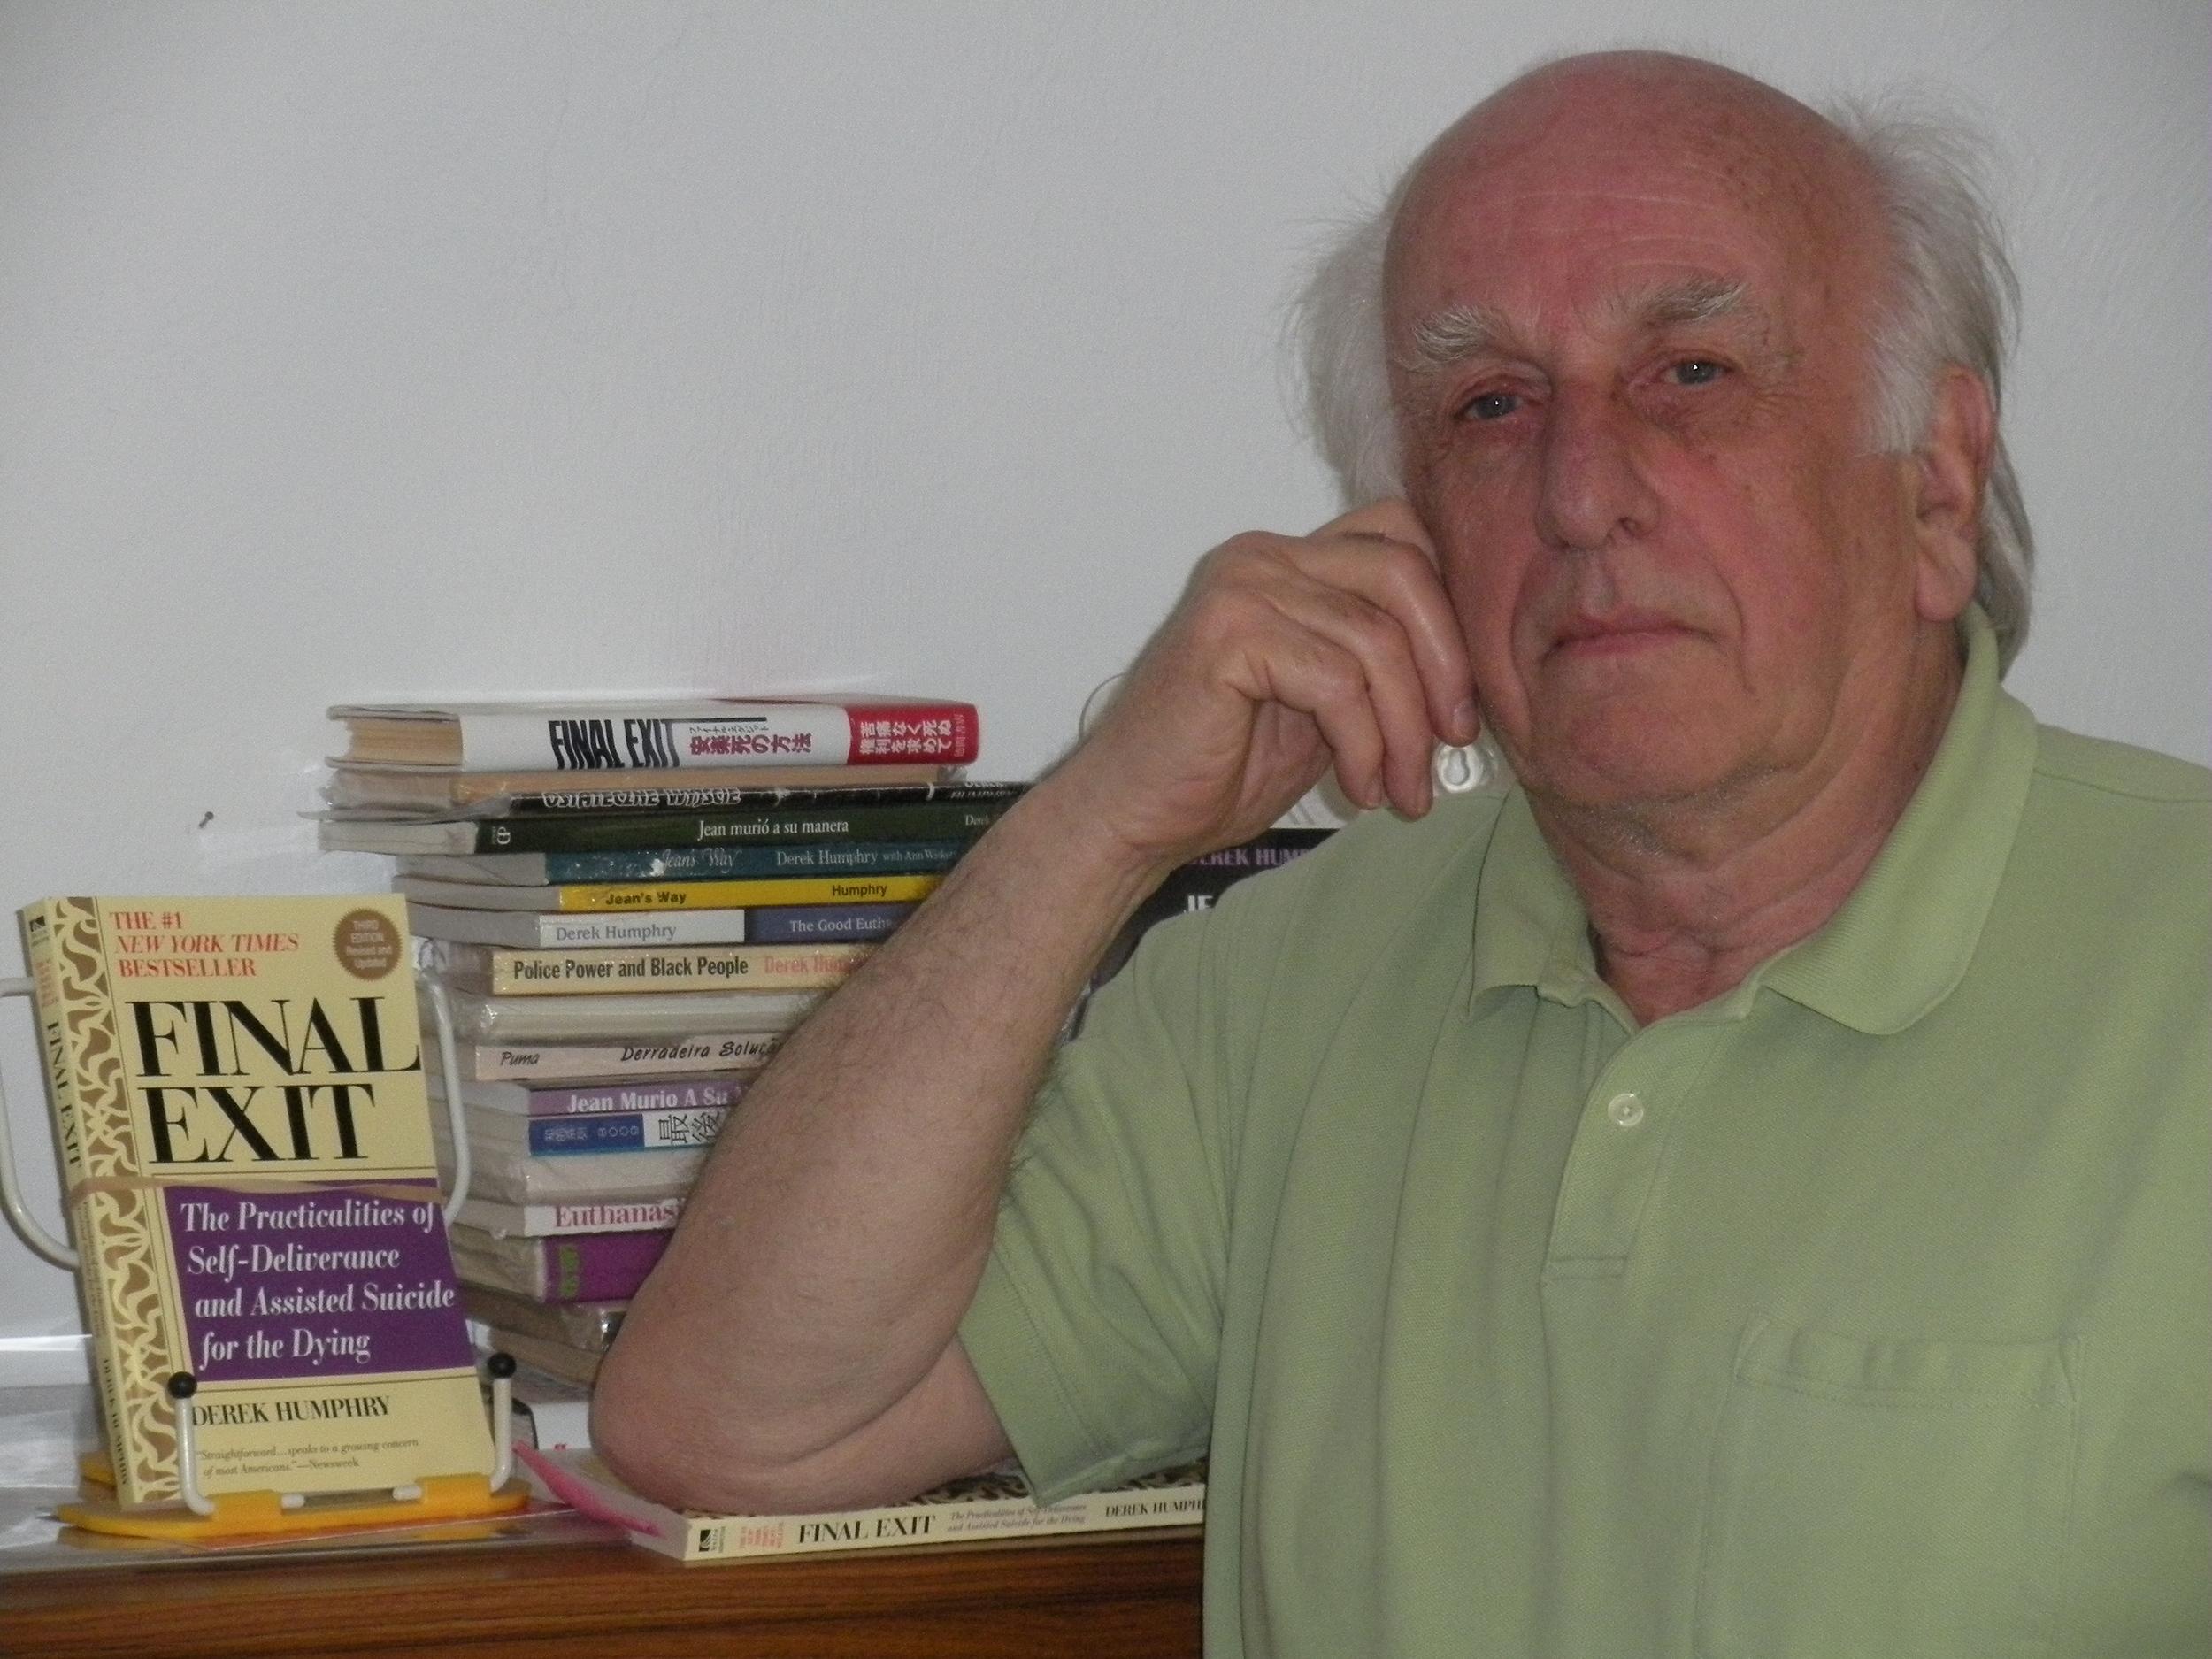 Derek Humphry